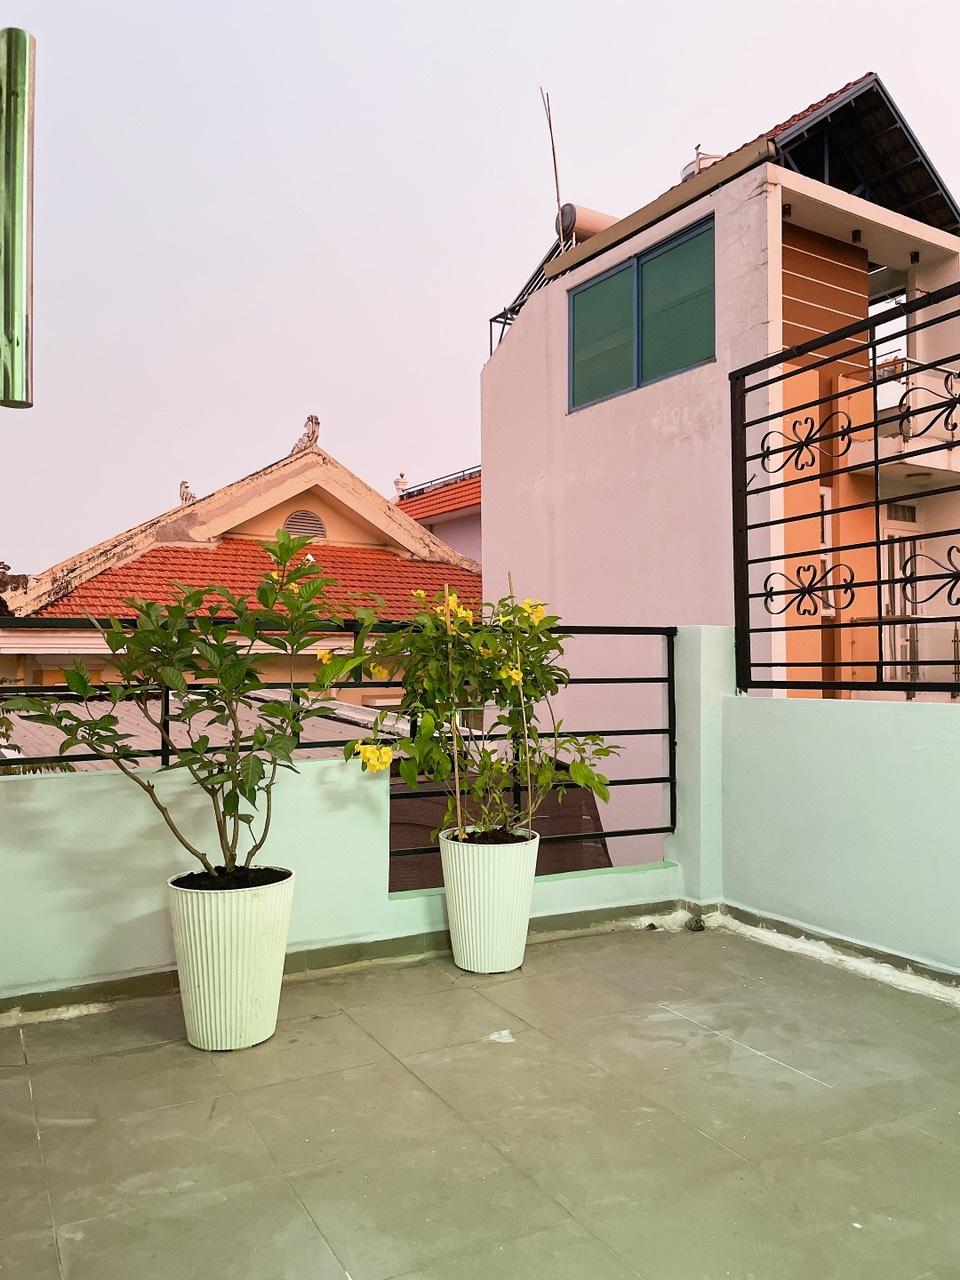 Bán nhà 2 lầu đường số 18B Bình Hưng Hòa A quận Bình Tân dưới 3 tỷ mới nhất 2021